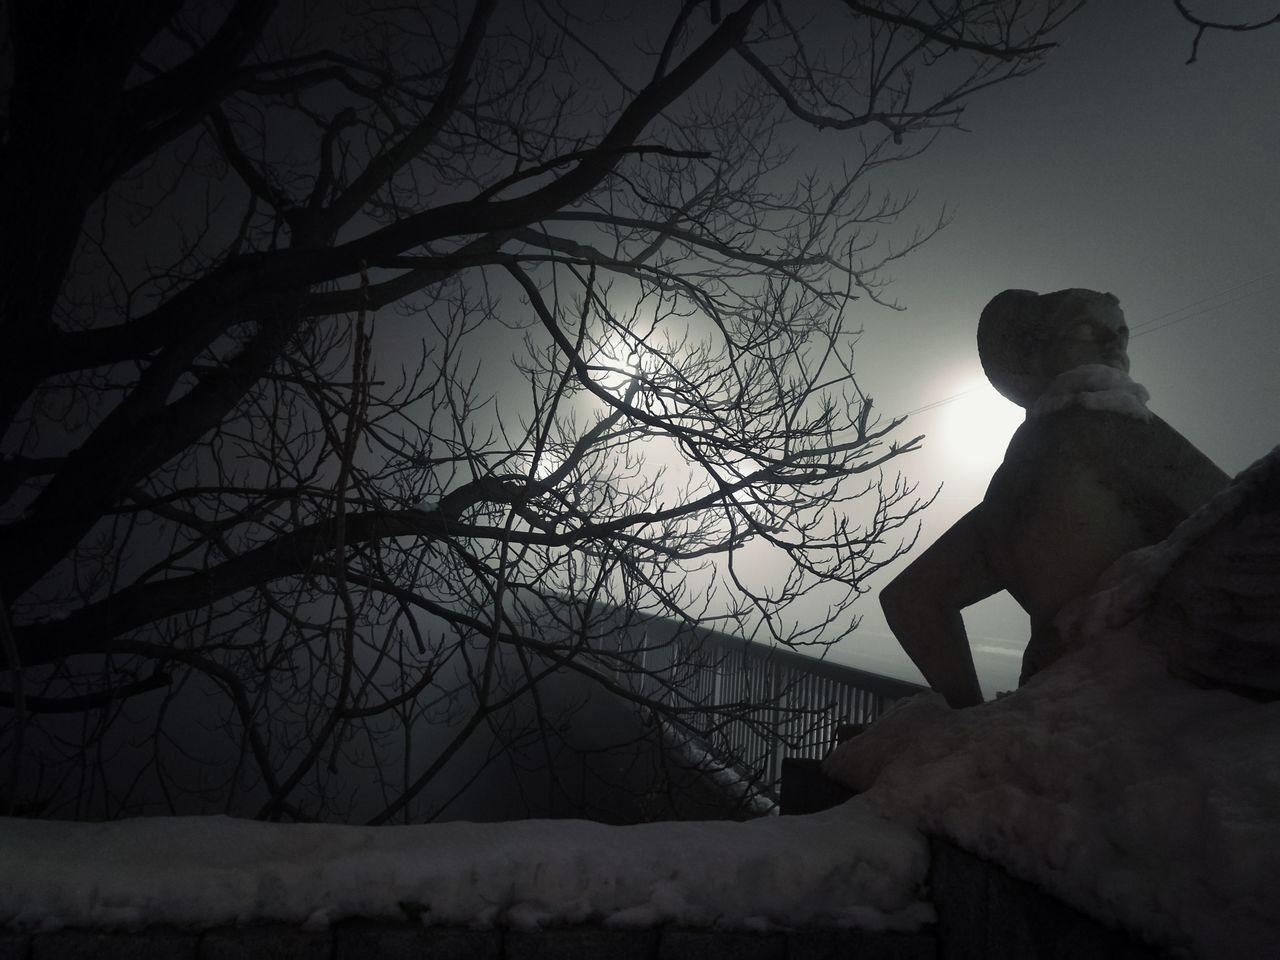 A foggy night Fog Foggy Foggy Night Bridge Three Night View Dark Statue Steet Light